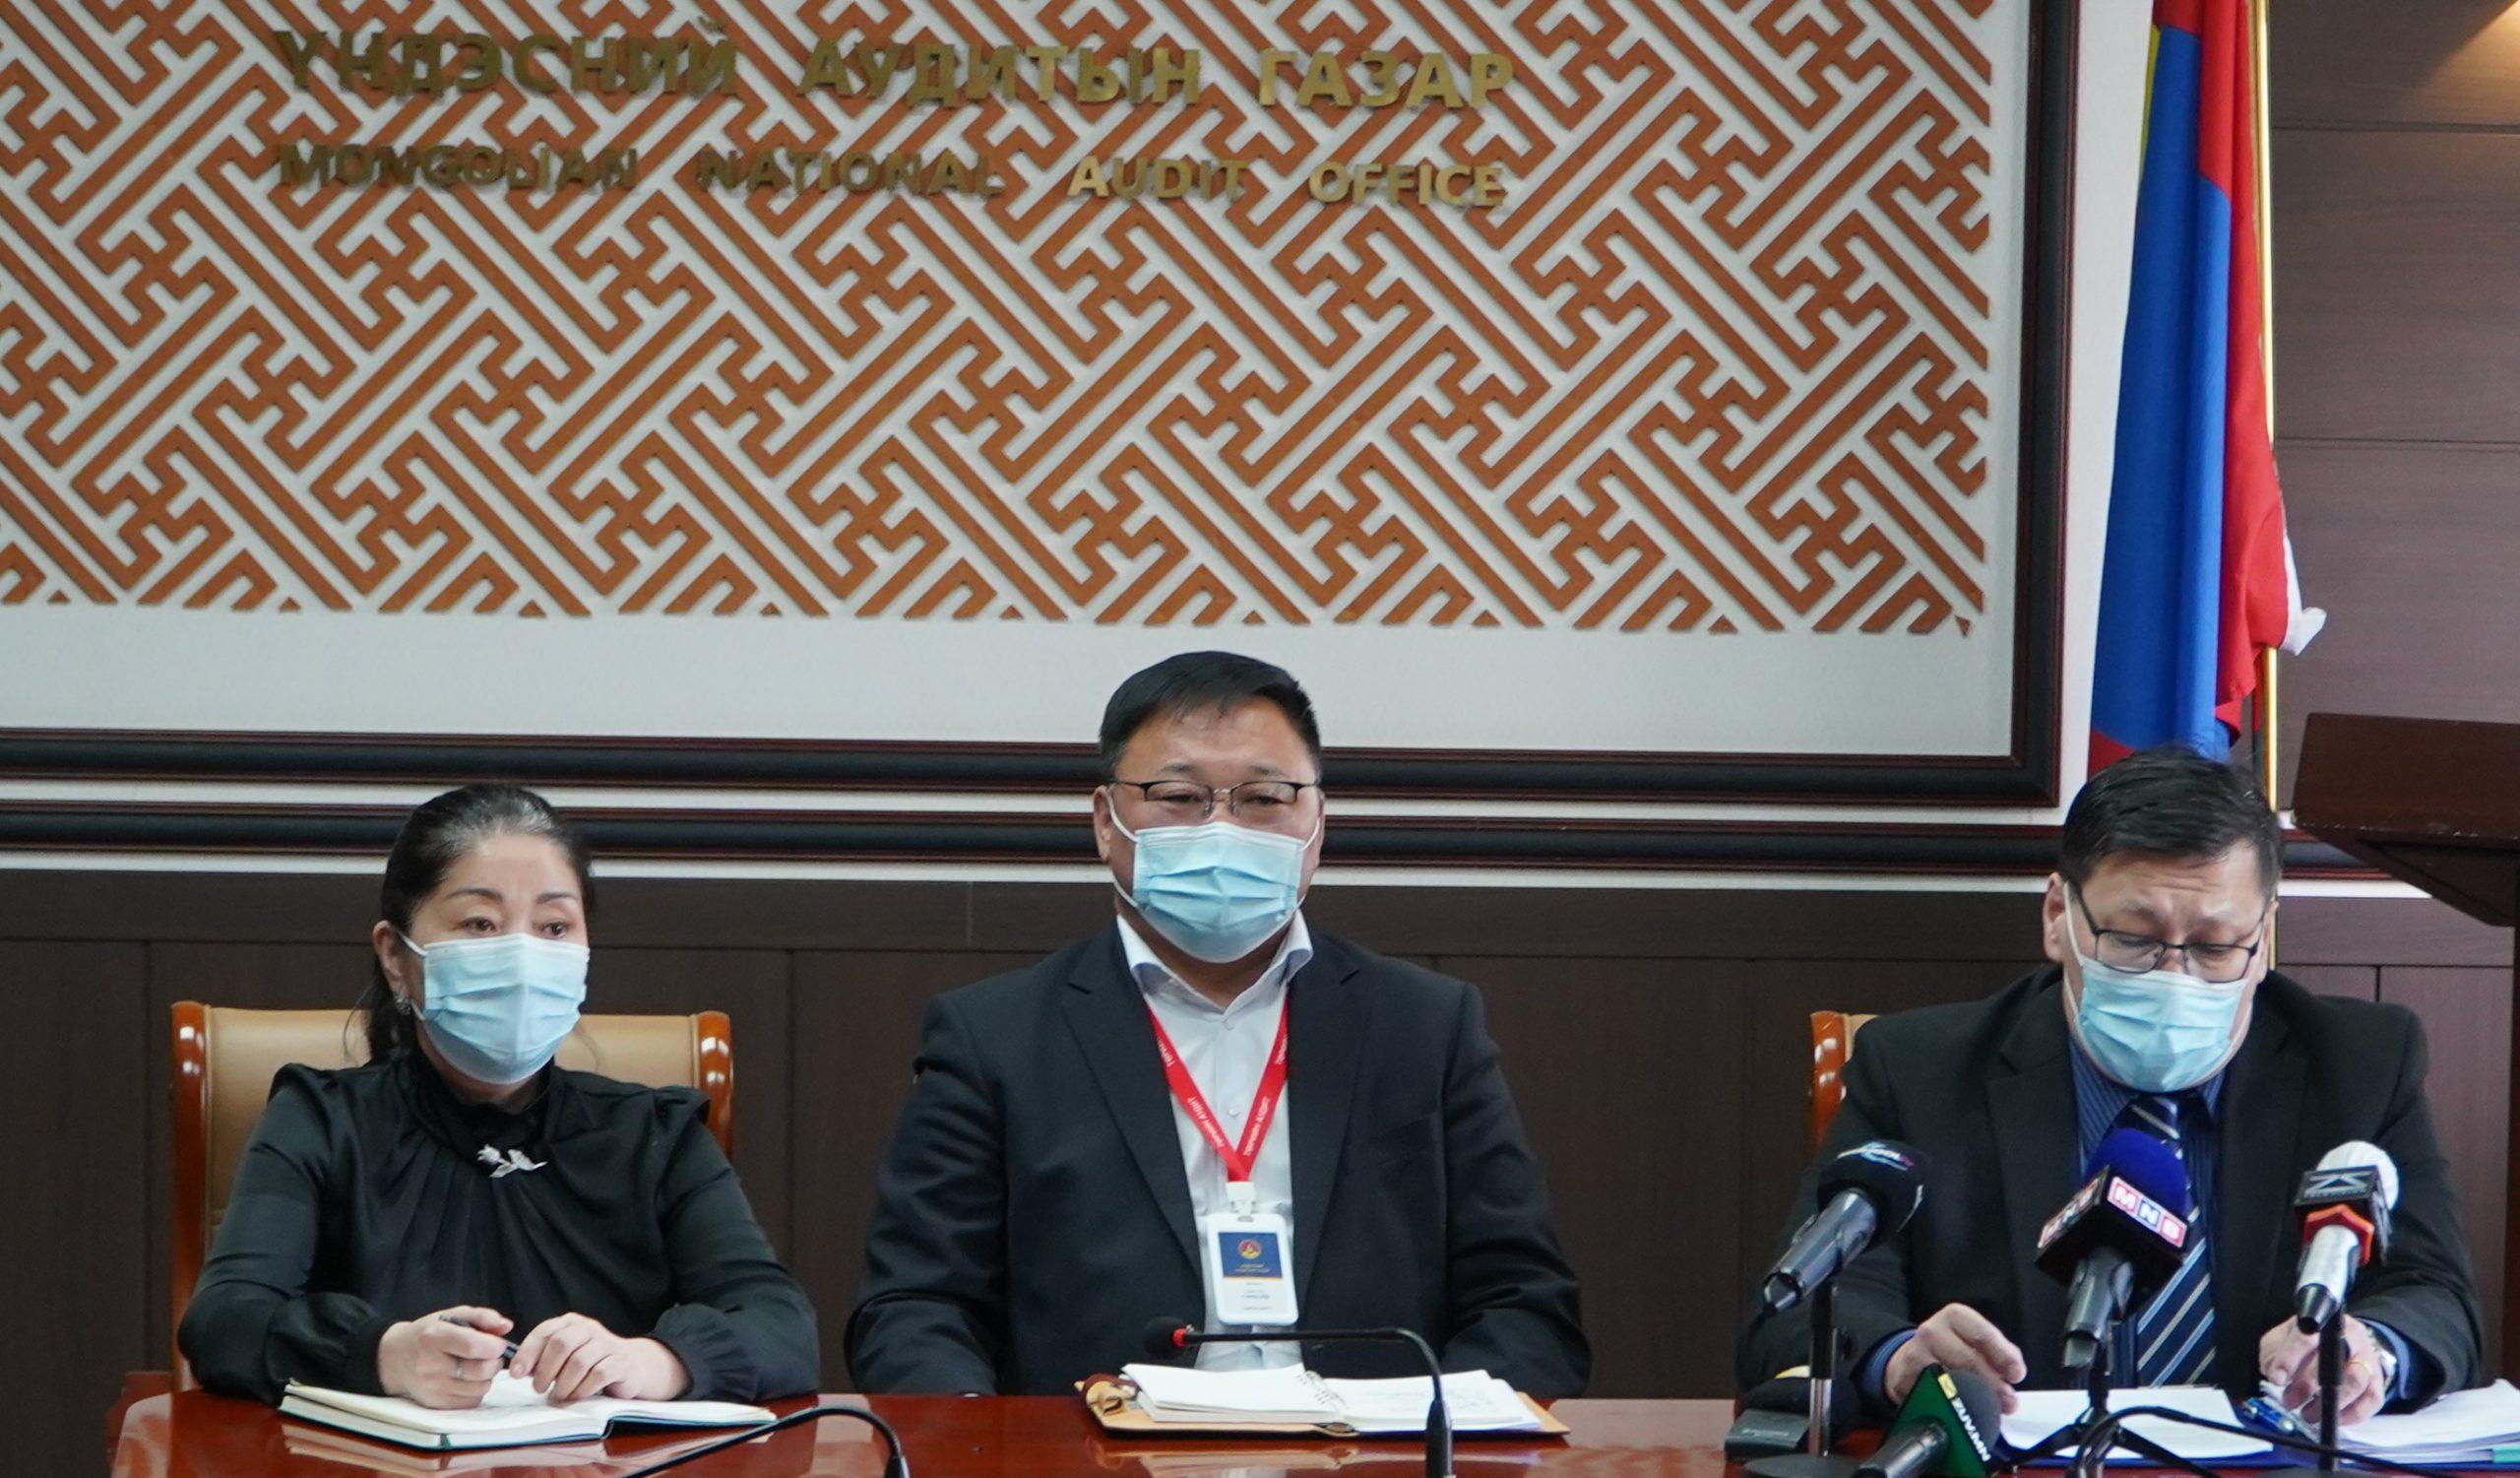 Монгол Улсын Ерөнхийлөгчийн 2021 оны сонгуулийн зардлын дээд хэмжээг тогтоолоо